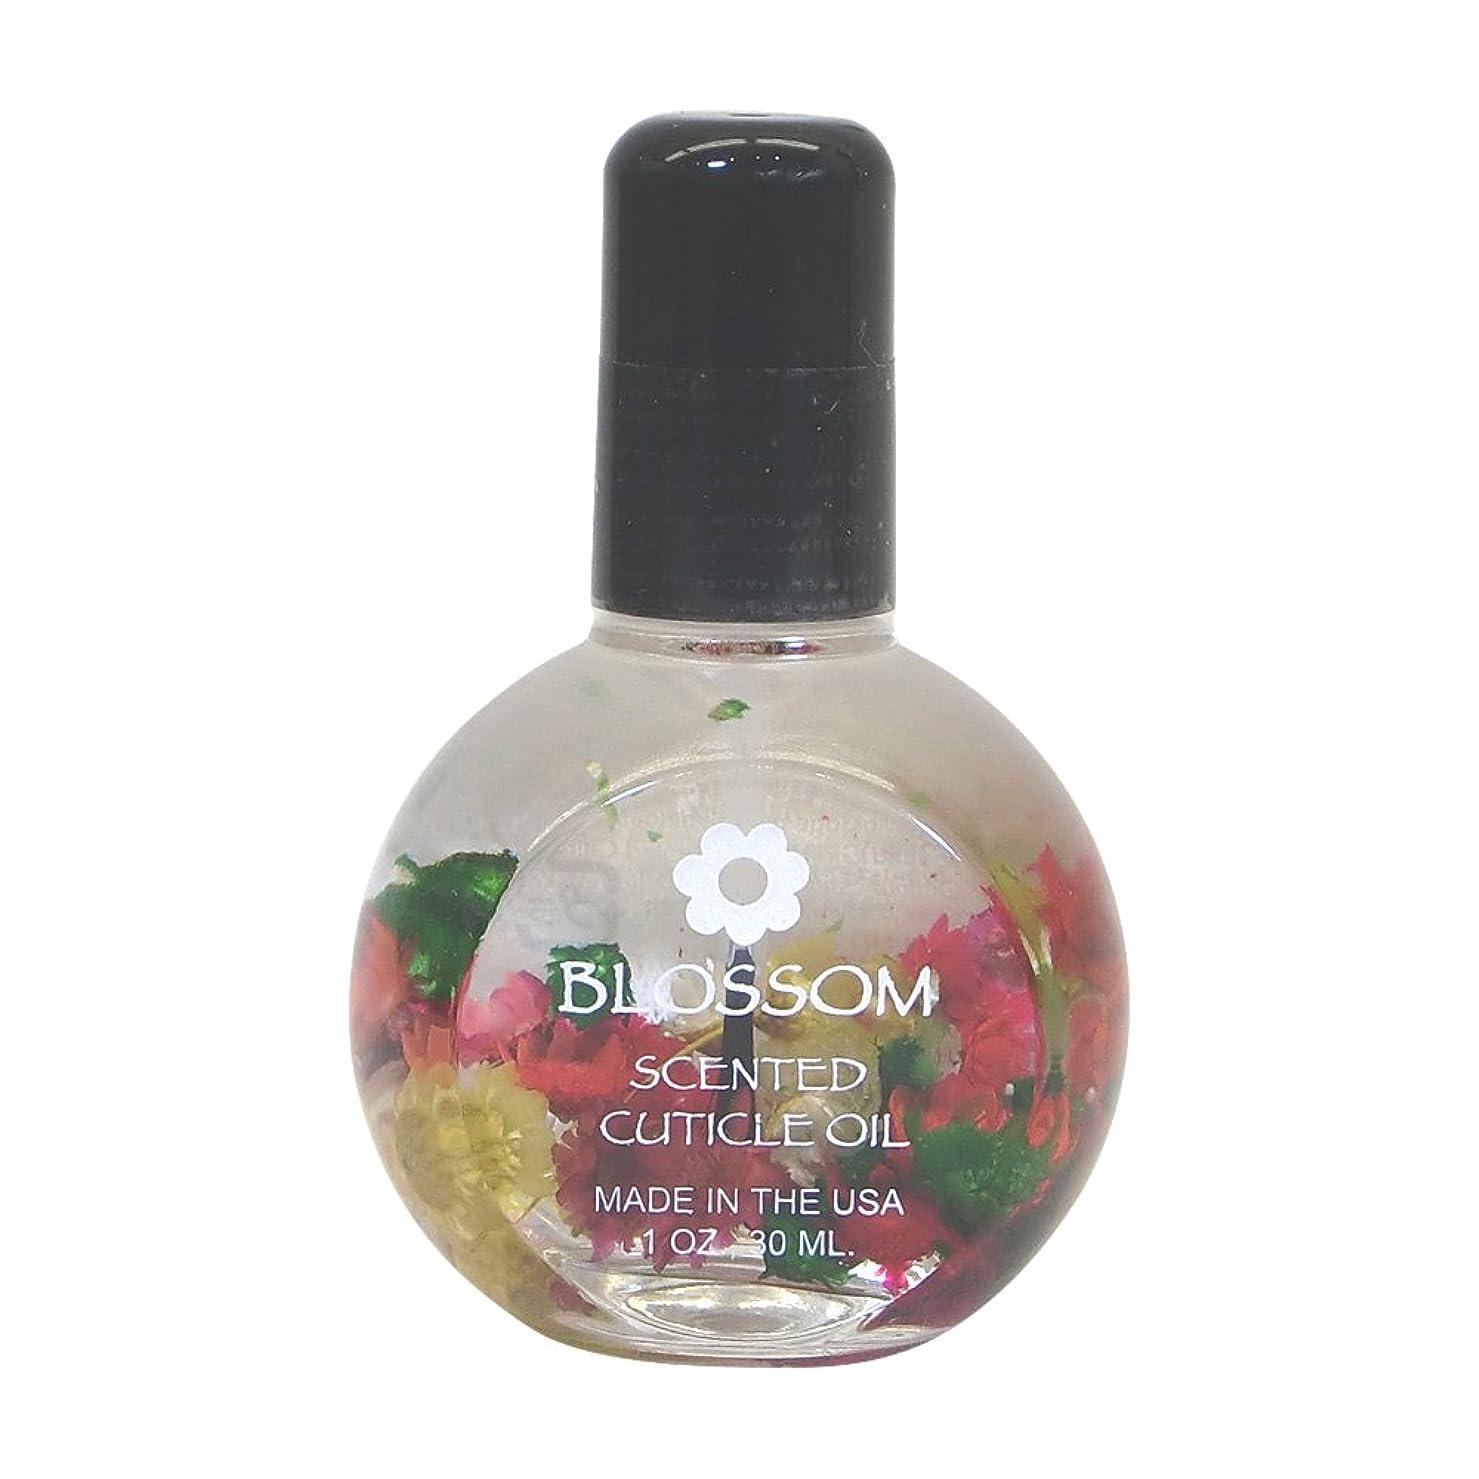 苦味スケッチ冷淡なBlossom ネイルオイル フラワー ハイビスカス 30ml